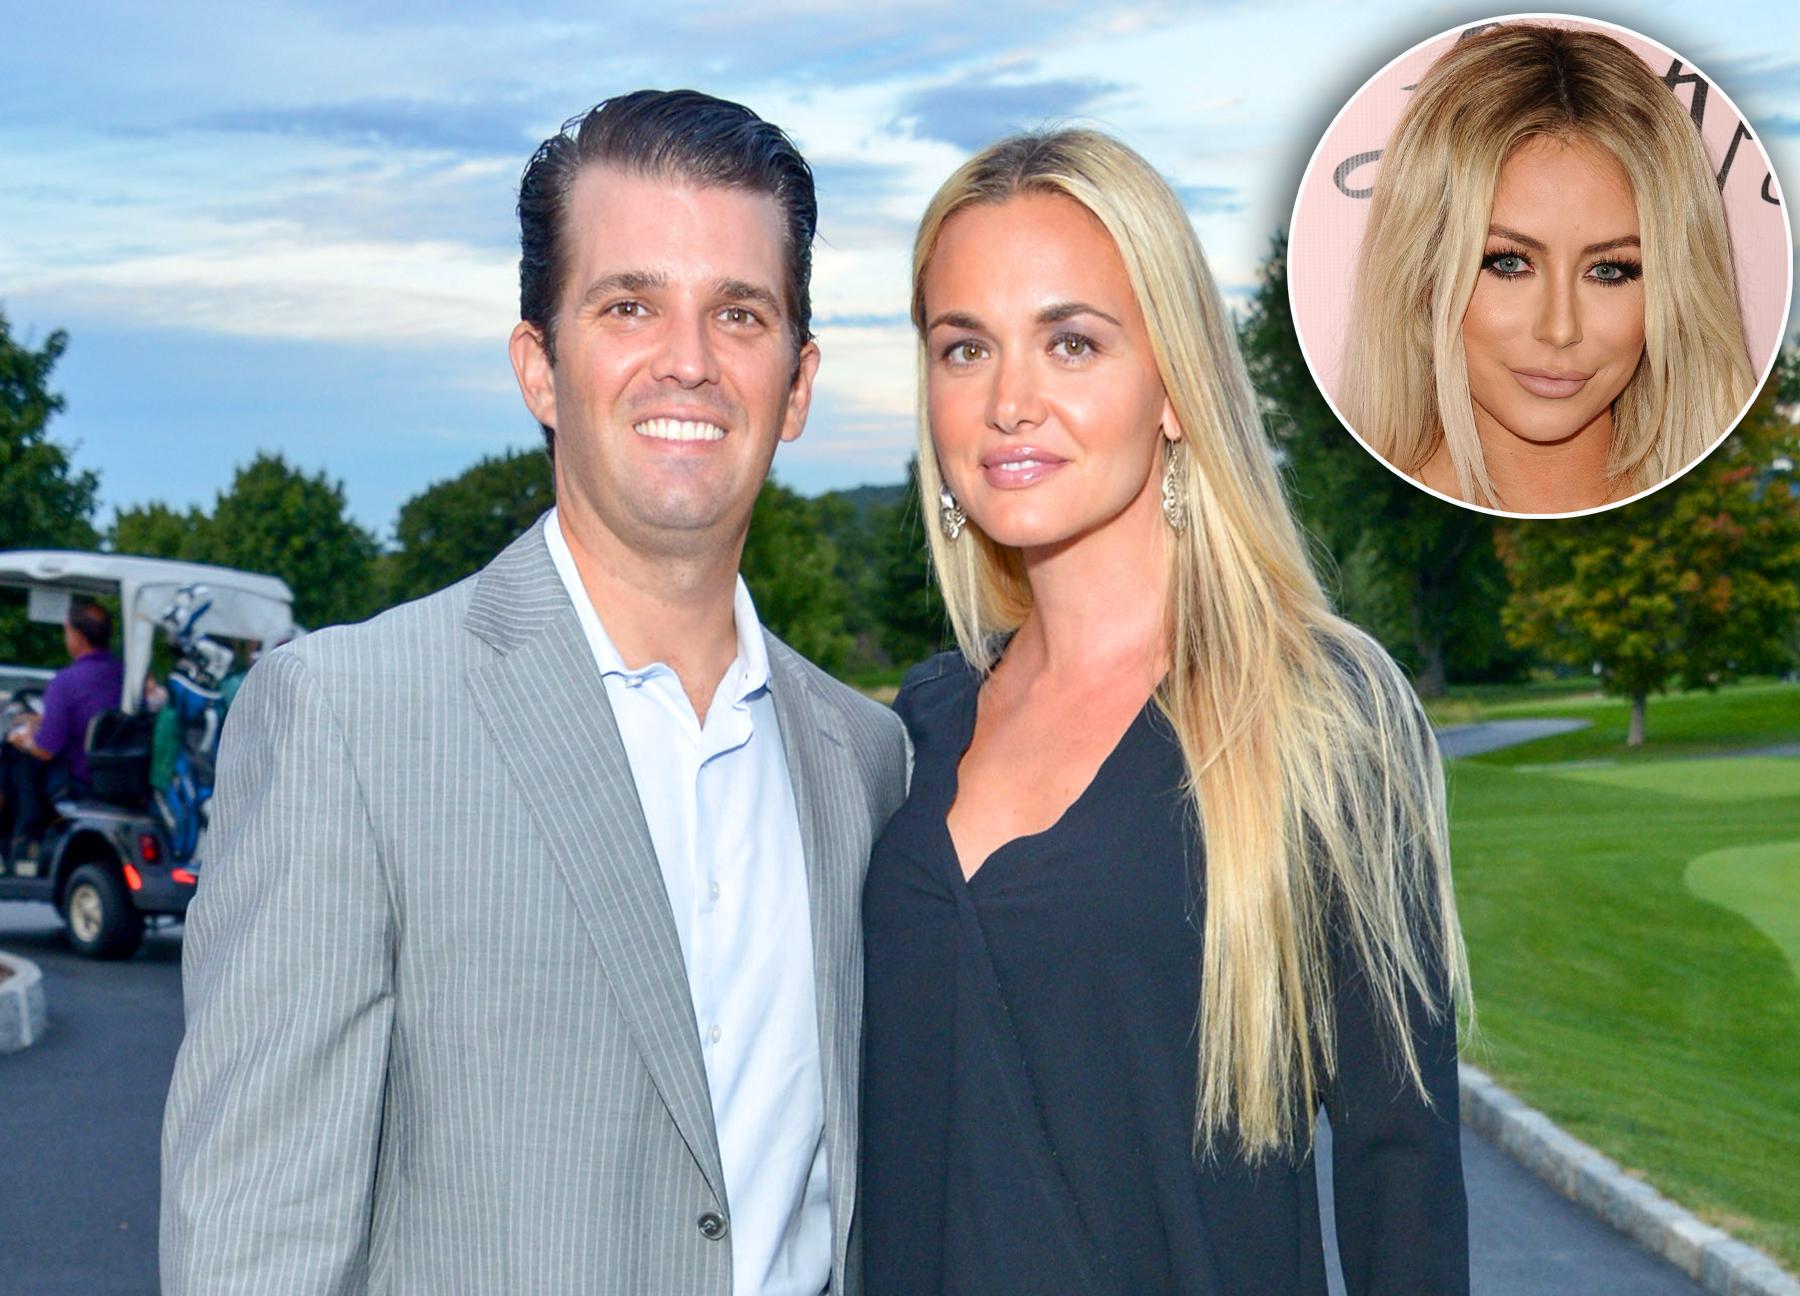 Donald Trump Jr., Vanessa Trump and Aubrey O'Day affair divorce